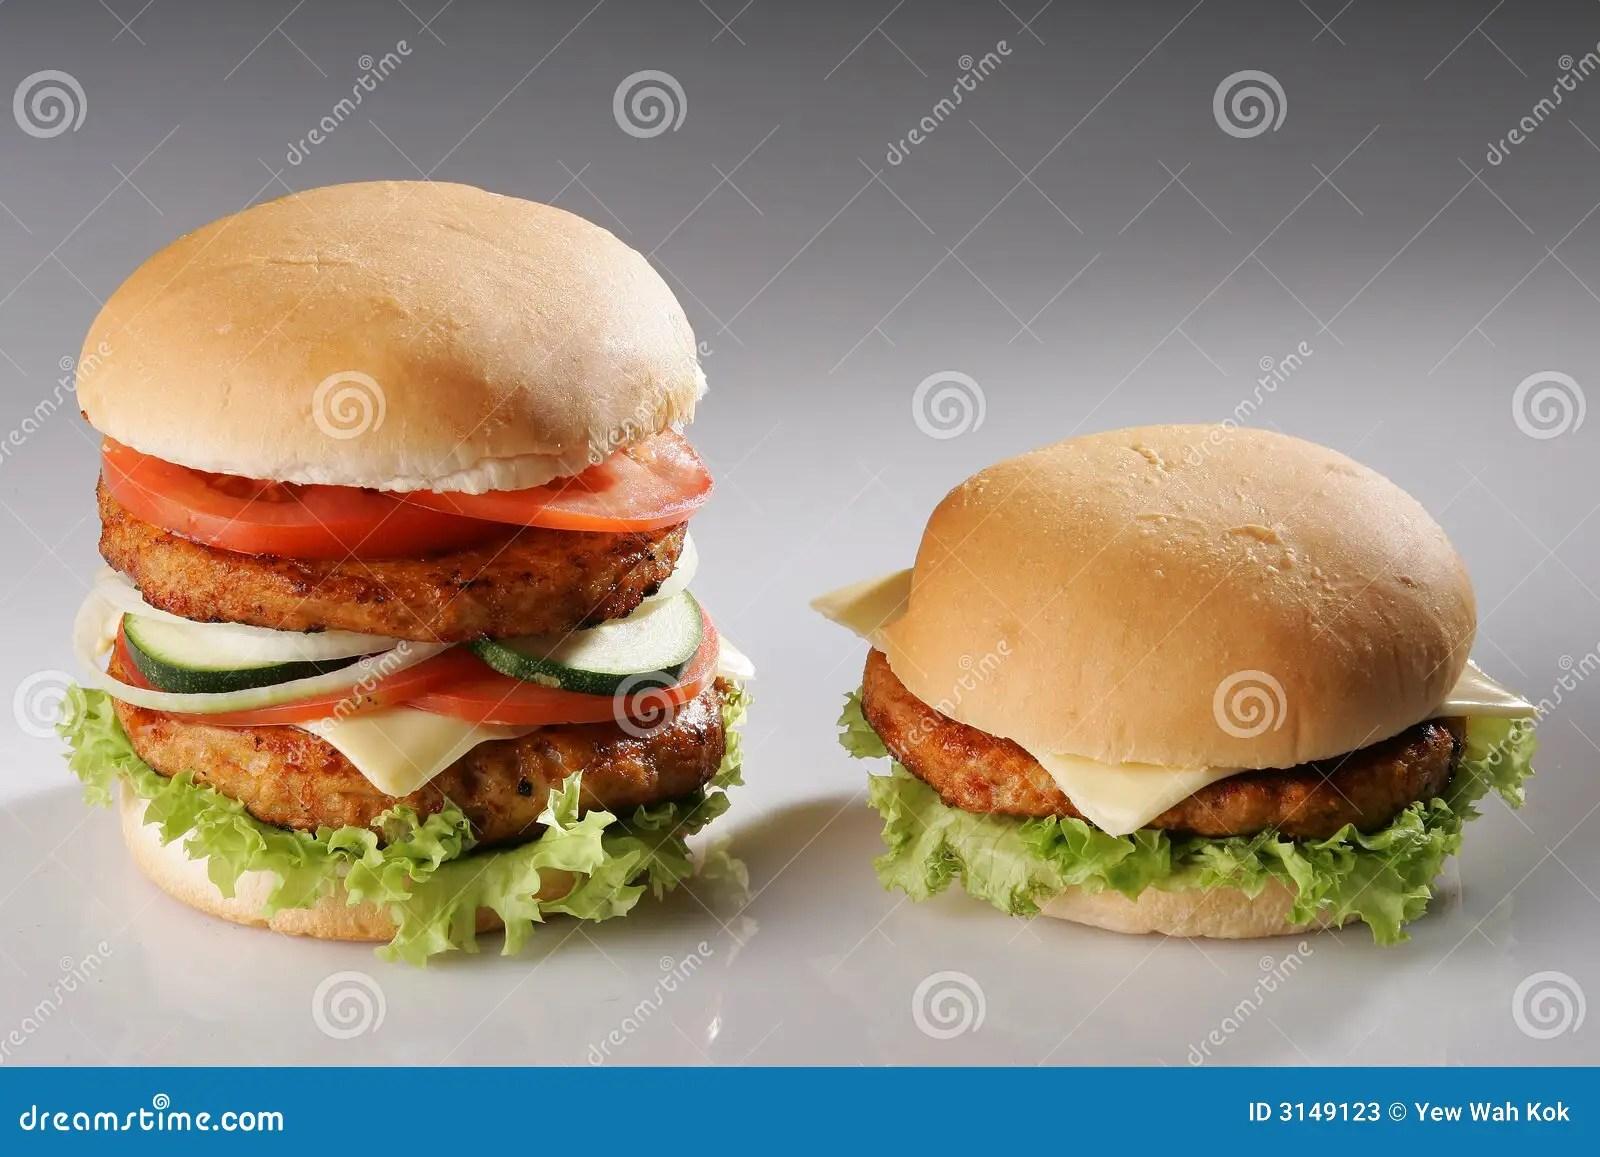 Big And Small Burger Stock Photos